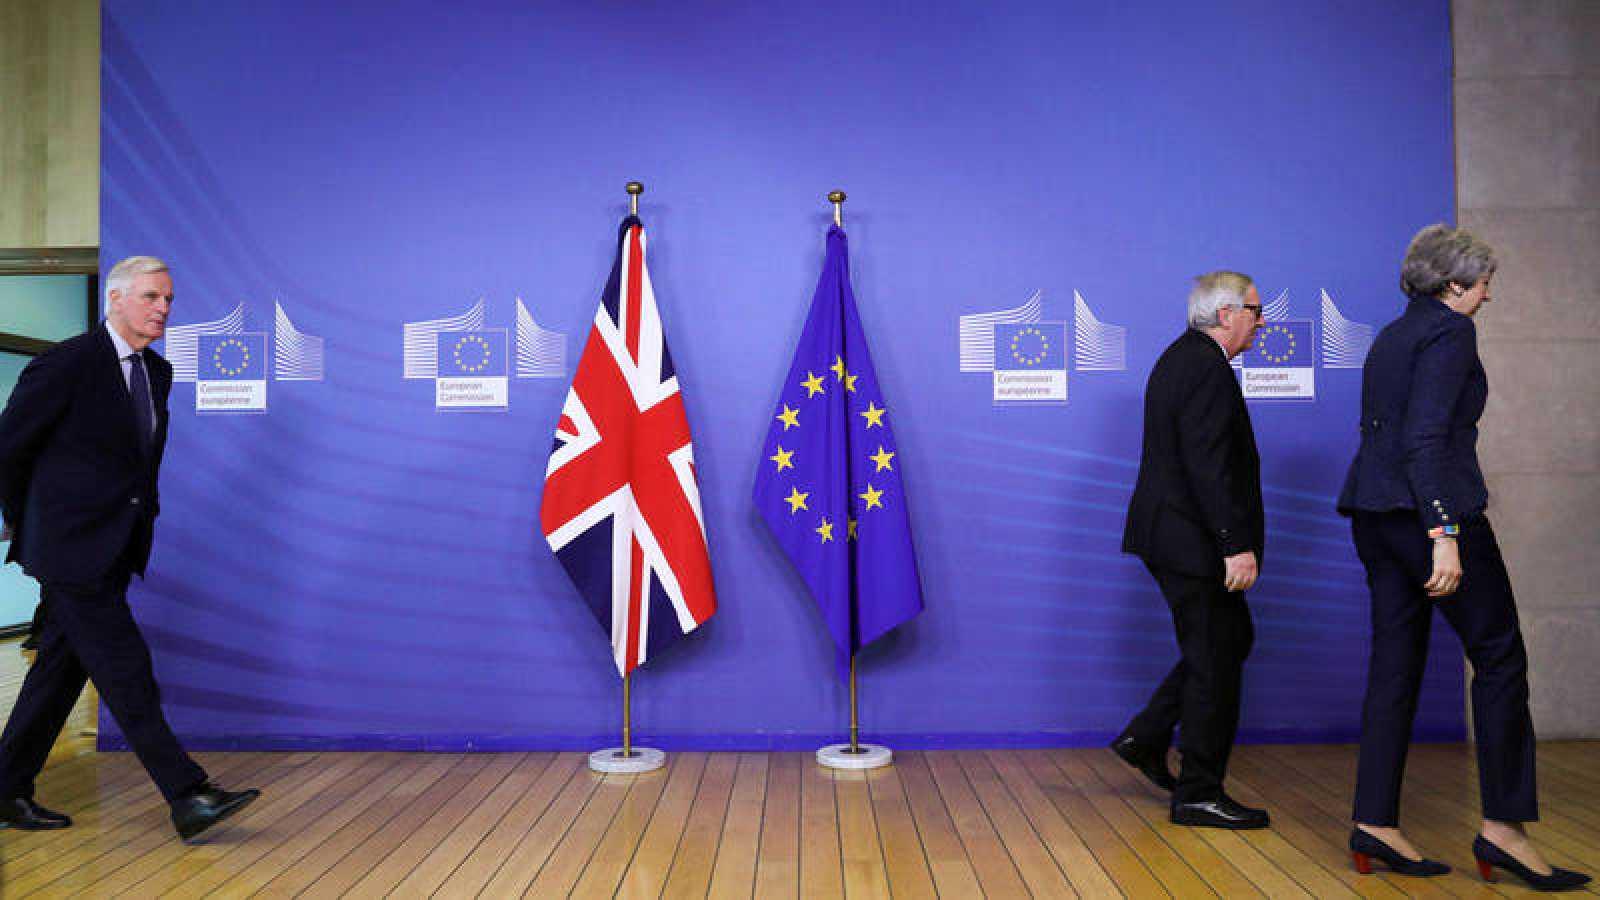 El principal negociador del Brexit de la UE, Michel Barnier, camina detrás del presidente de la Comisión Europea, Jean-Claude Juncker, y de la primera ministra británica, Theresa May,